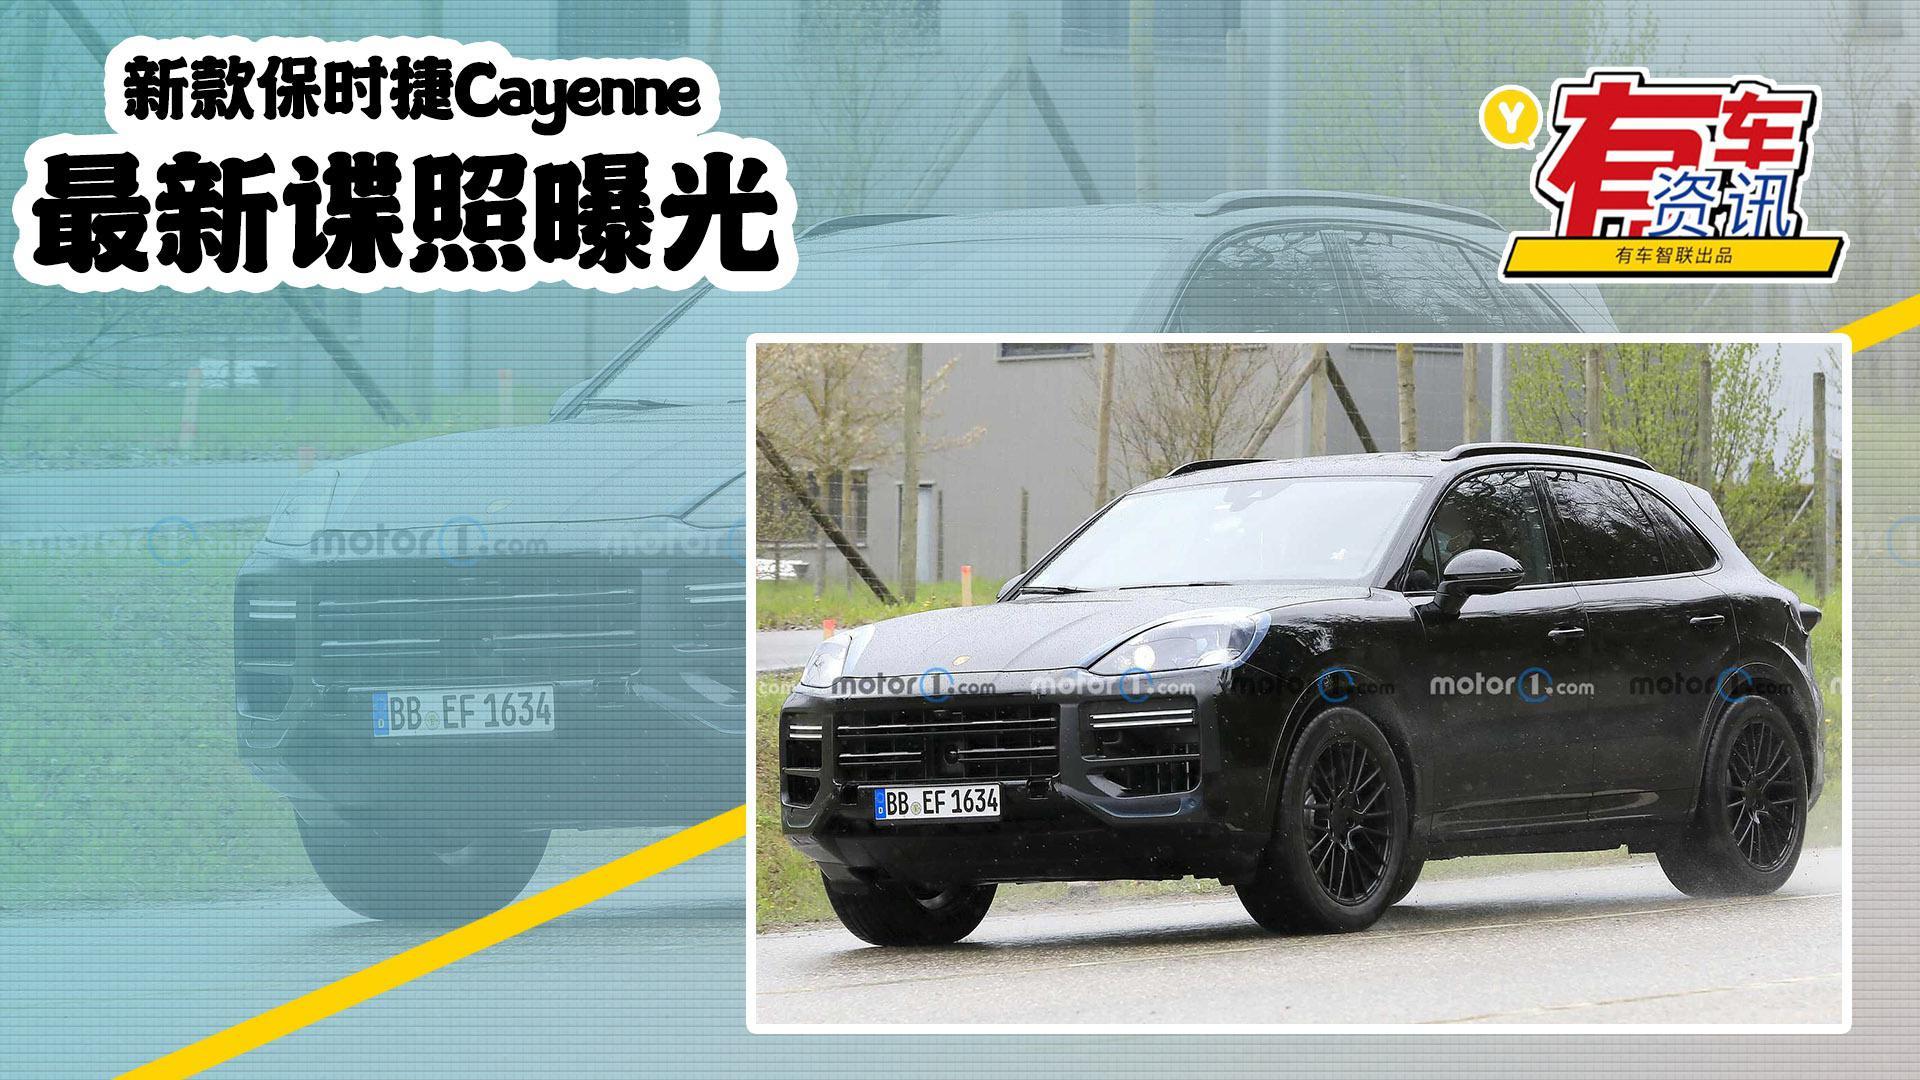 新款保时捷Cayenne最新谍照曝光 或将于2023年亮相 多种动力可选